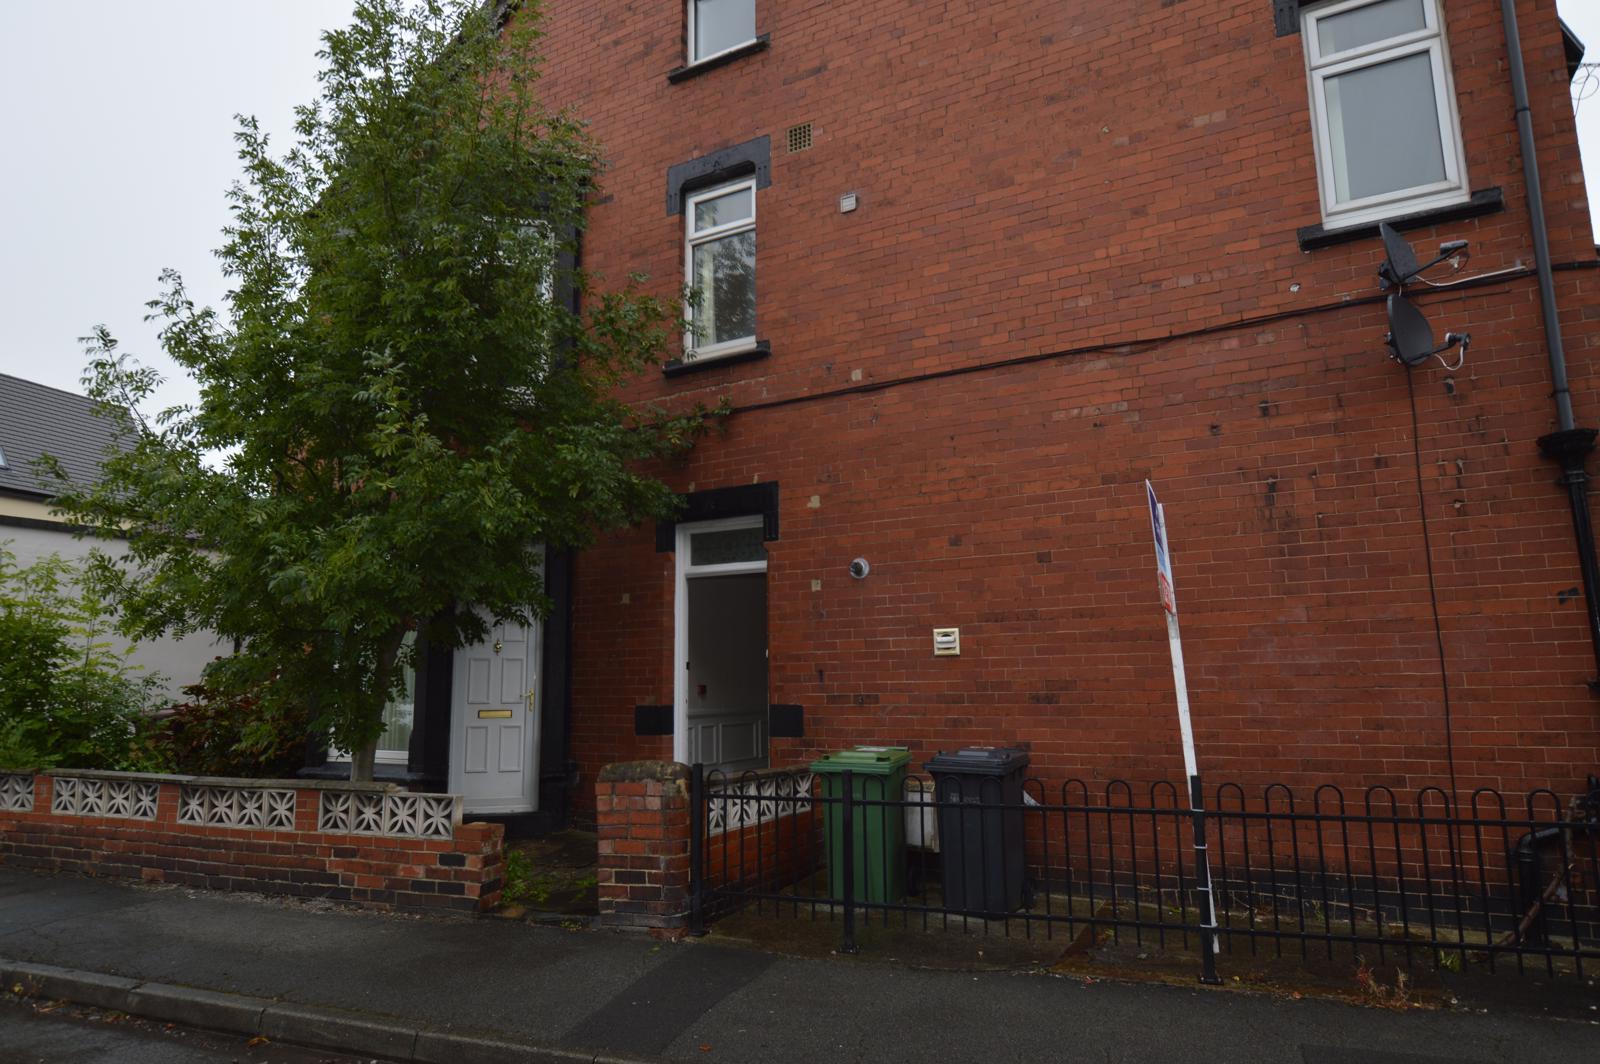 3 Bedroom Apartment To Let in Leeds, LS8